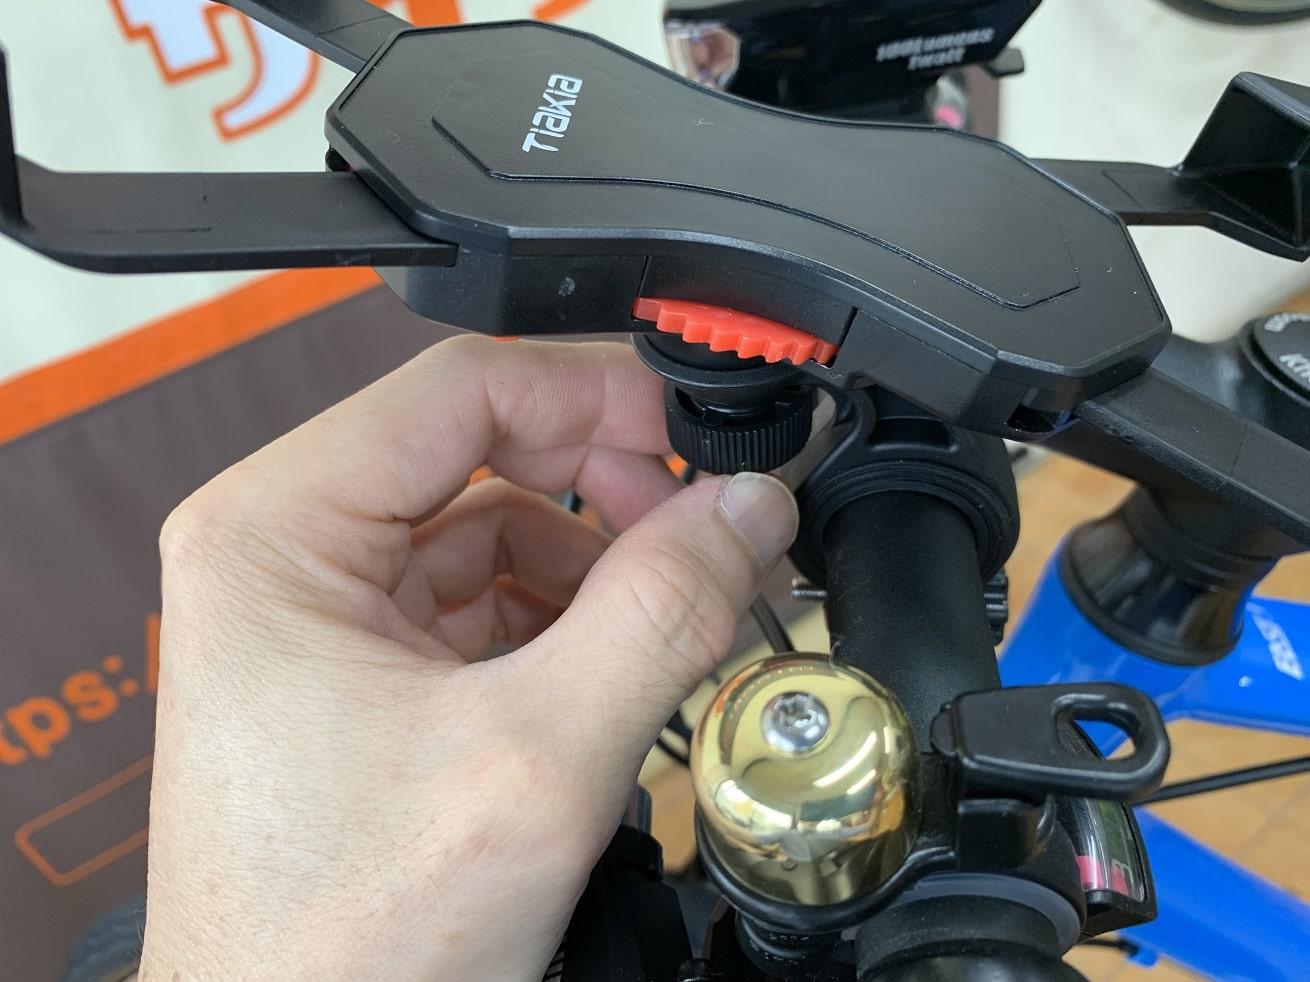 自転車スマホホルダー「Tiakia PR03-AC」本体ネジで固定する